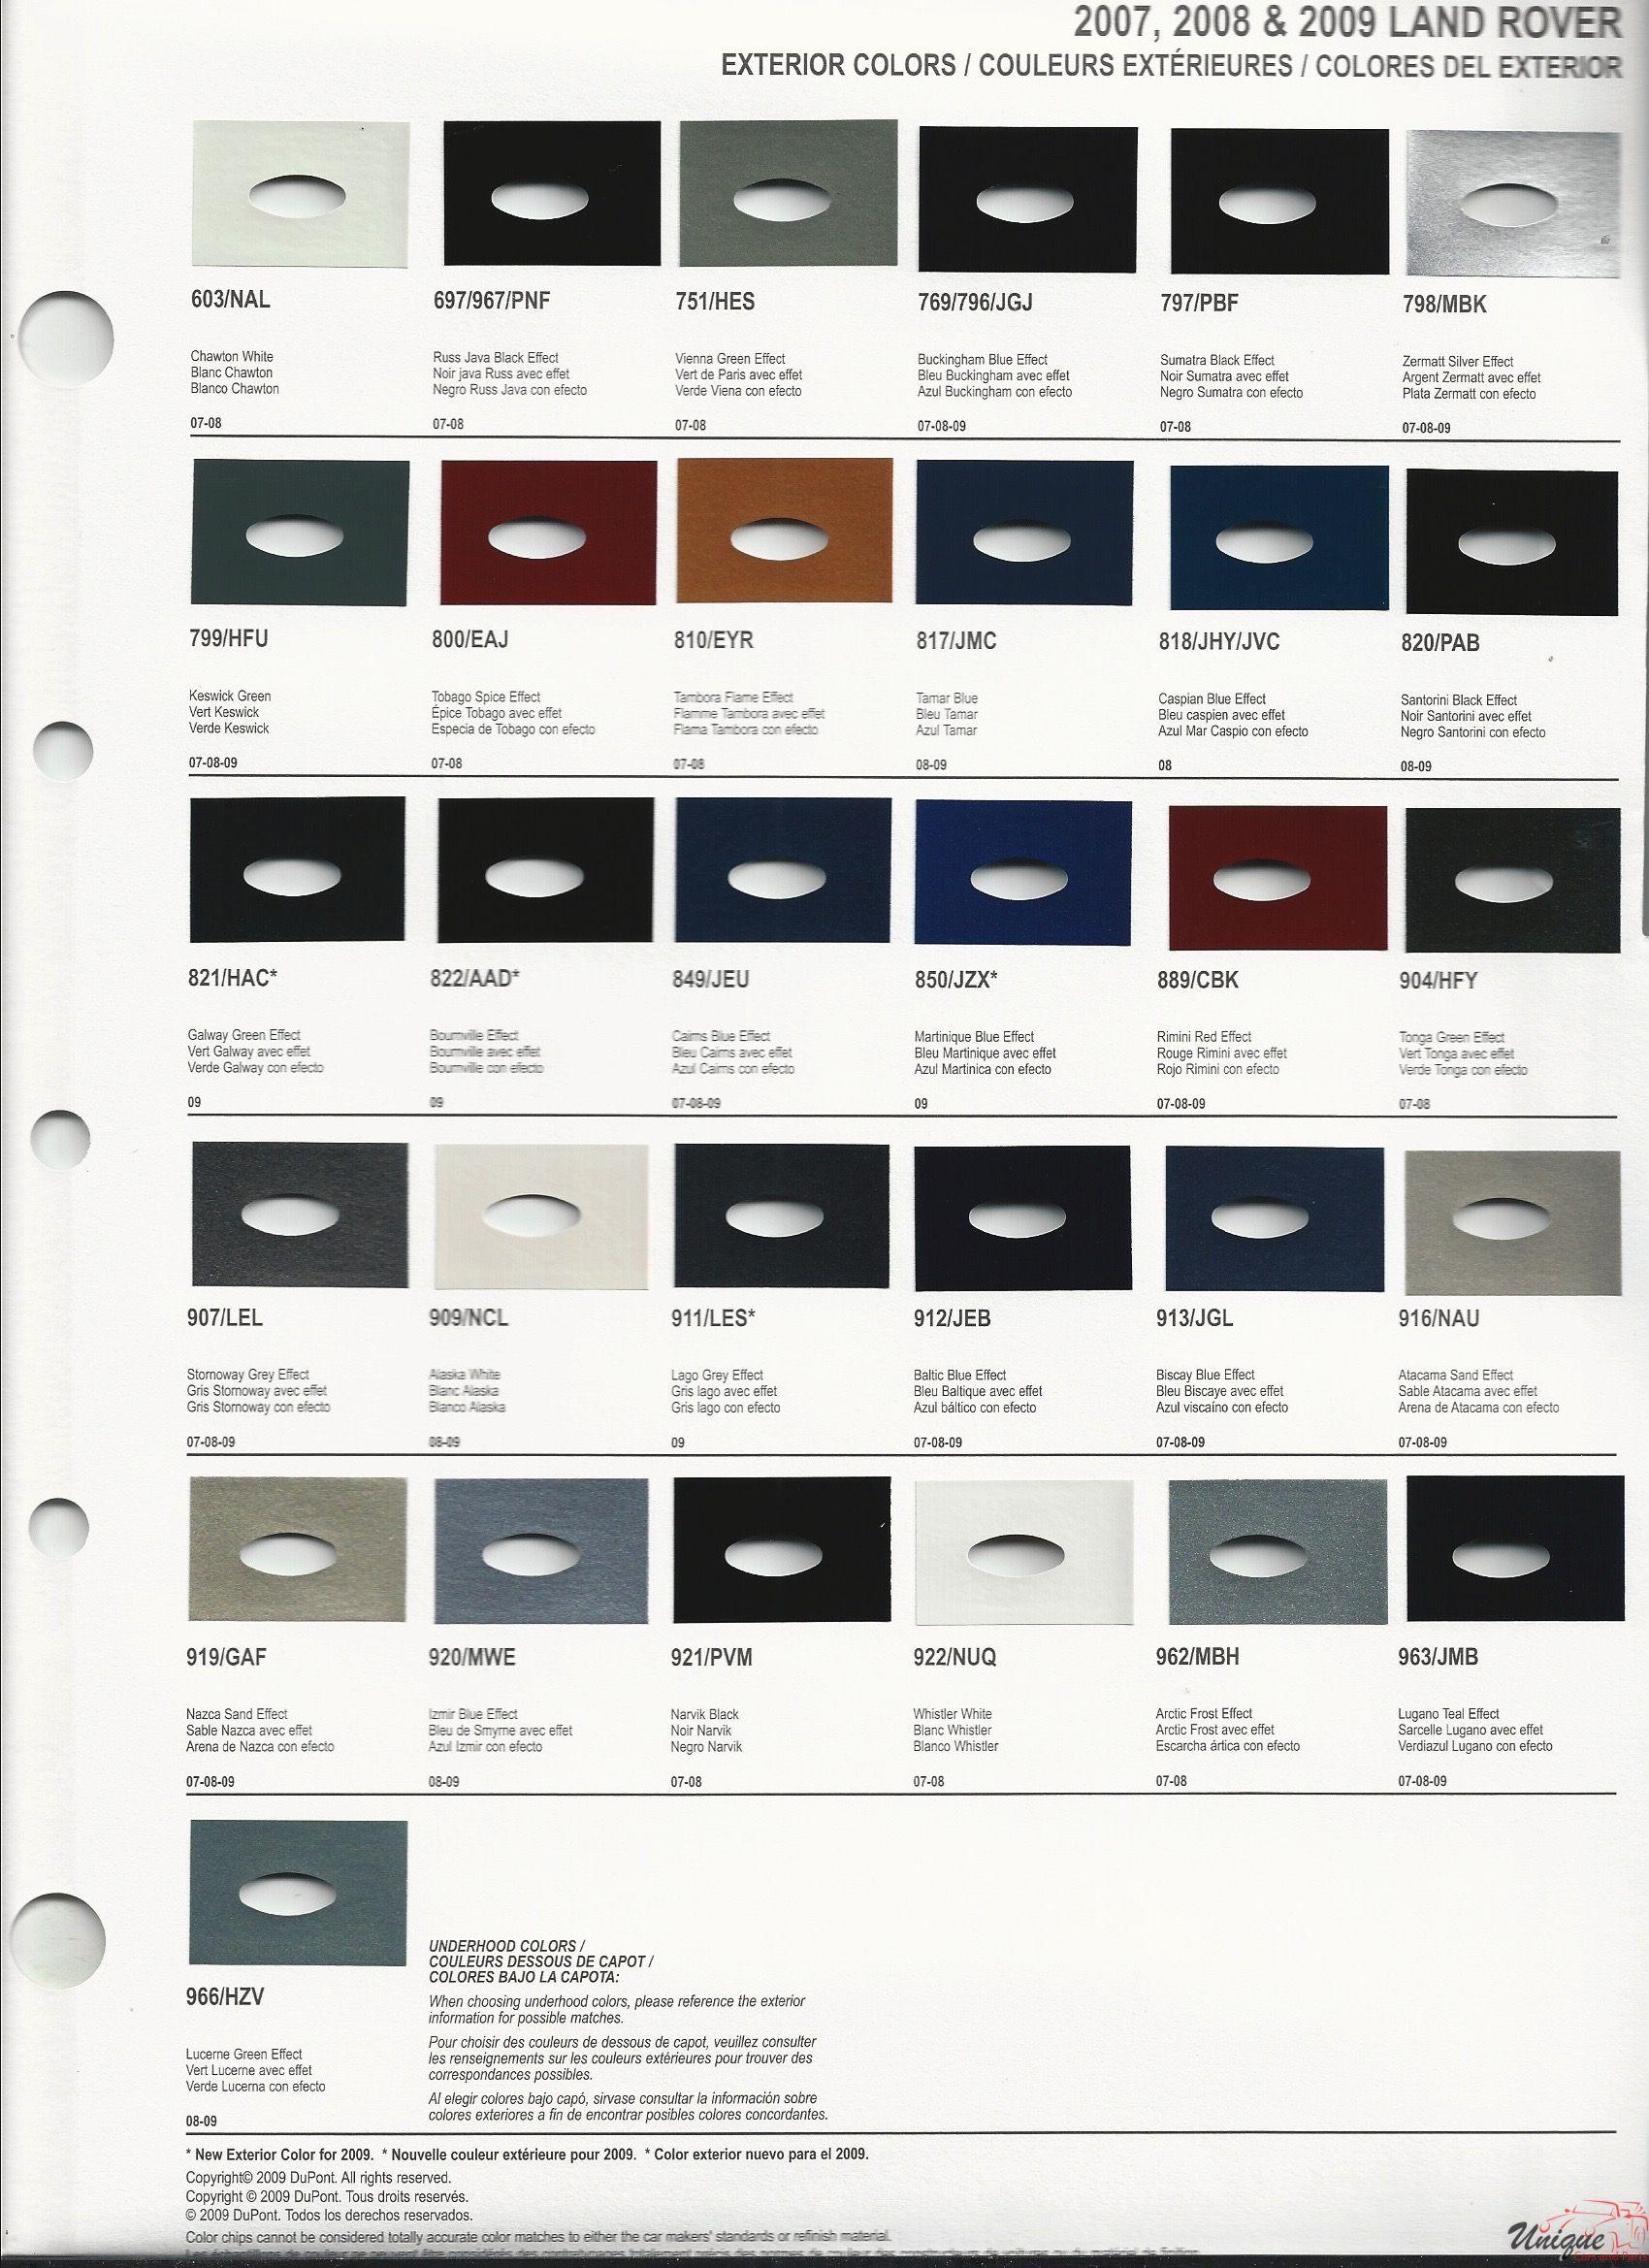 Dupont Automotive Paint Colors : dupont, automotive, paint, colors, Dupont, Automotive, Paint, Colors, Inspirational, Color, Scientific, Chart, Colors,, Charts,